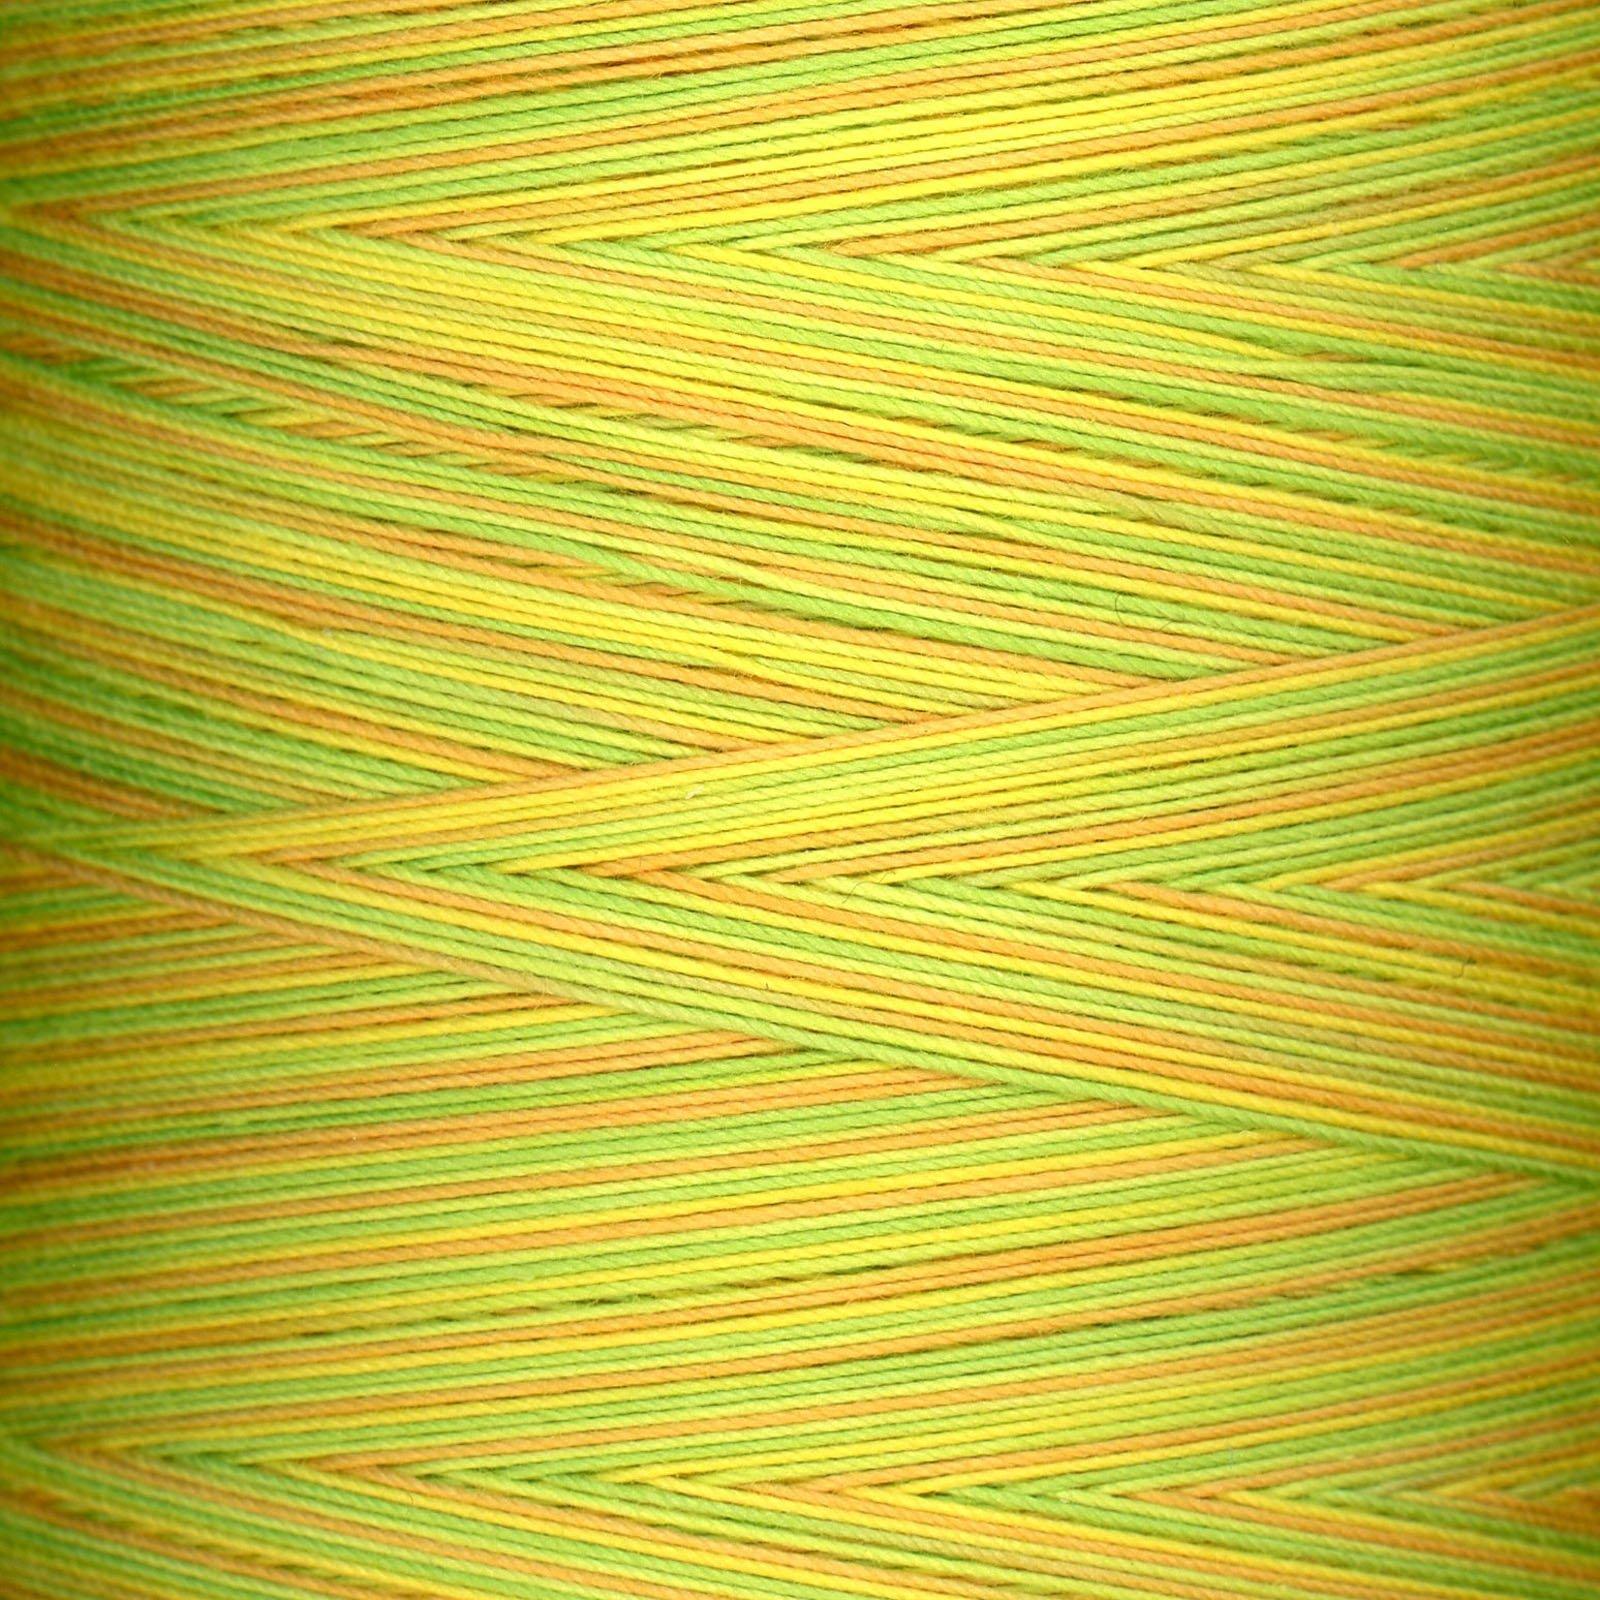 King Tut Variegated Thread #934